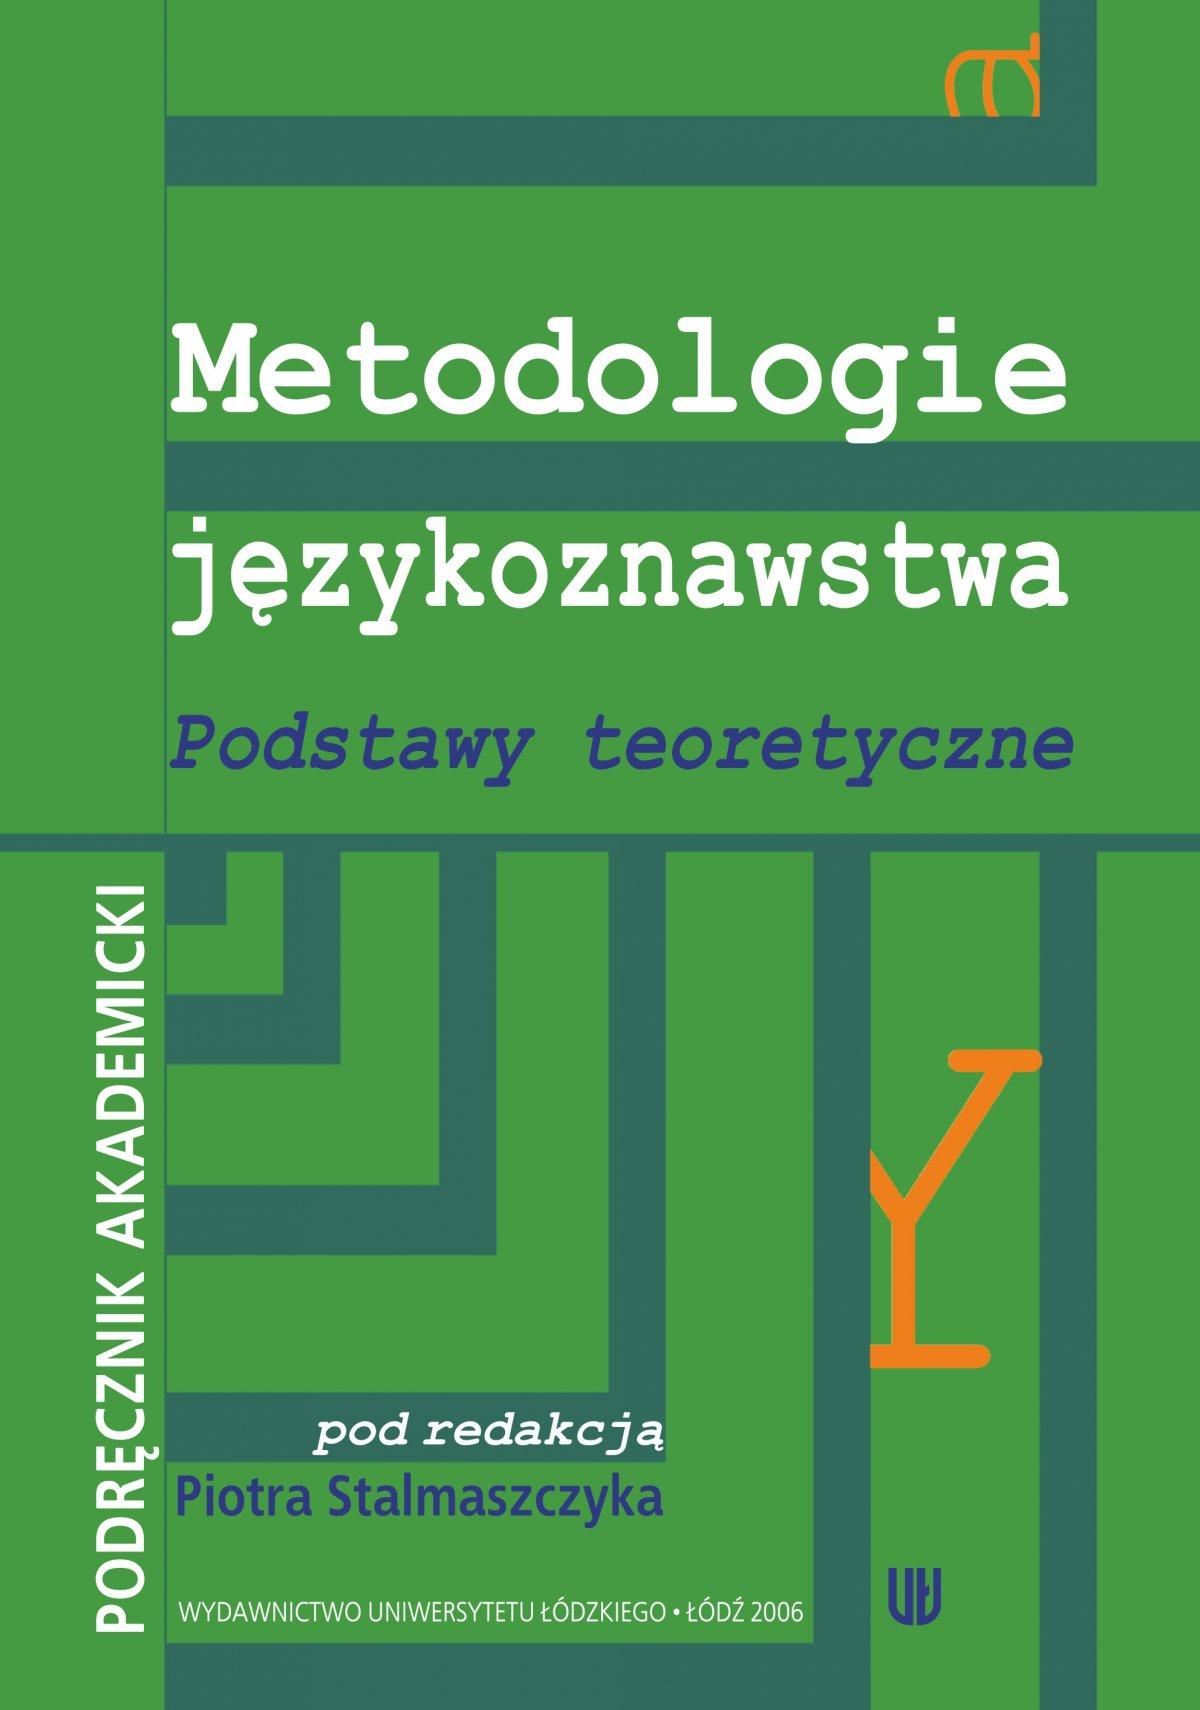 Metodologie językoznawstwa. Podstawy teoretyczne. Podręcznik akademicki - Ebook (Książka PDF) do pobrania w formacie PDF